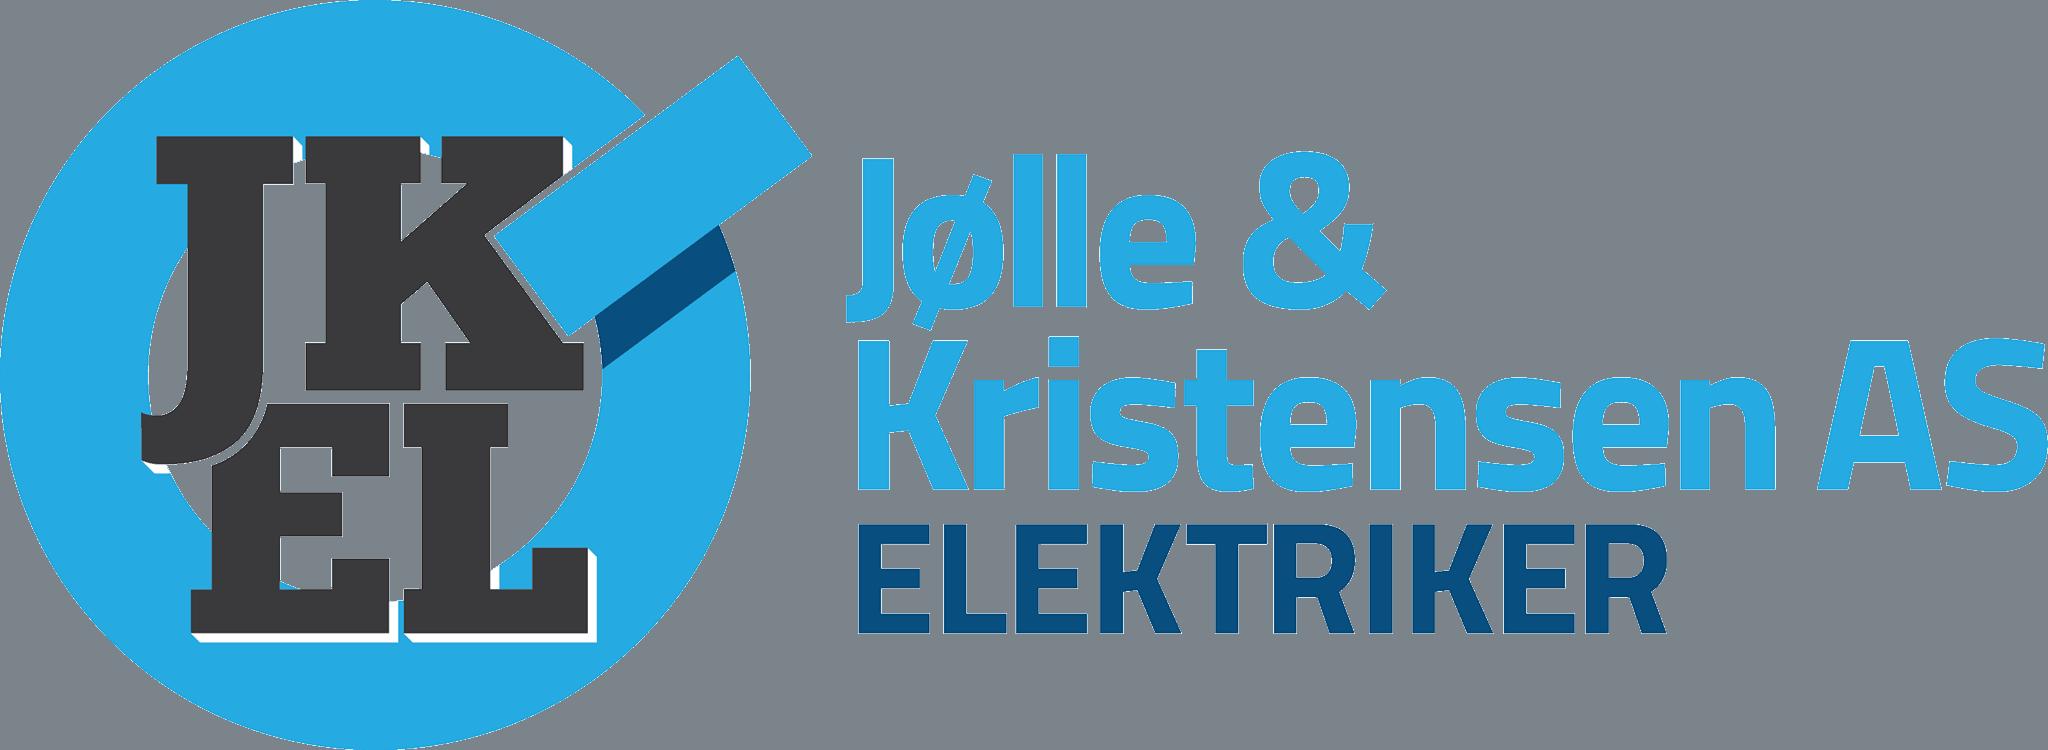 Jølle & Kristensen AS